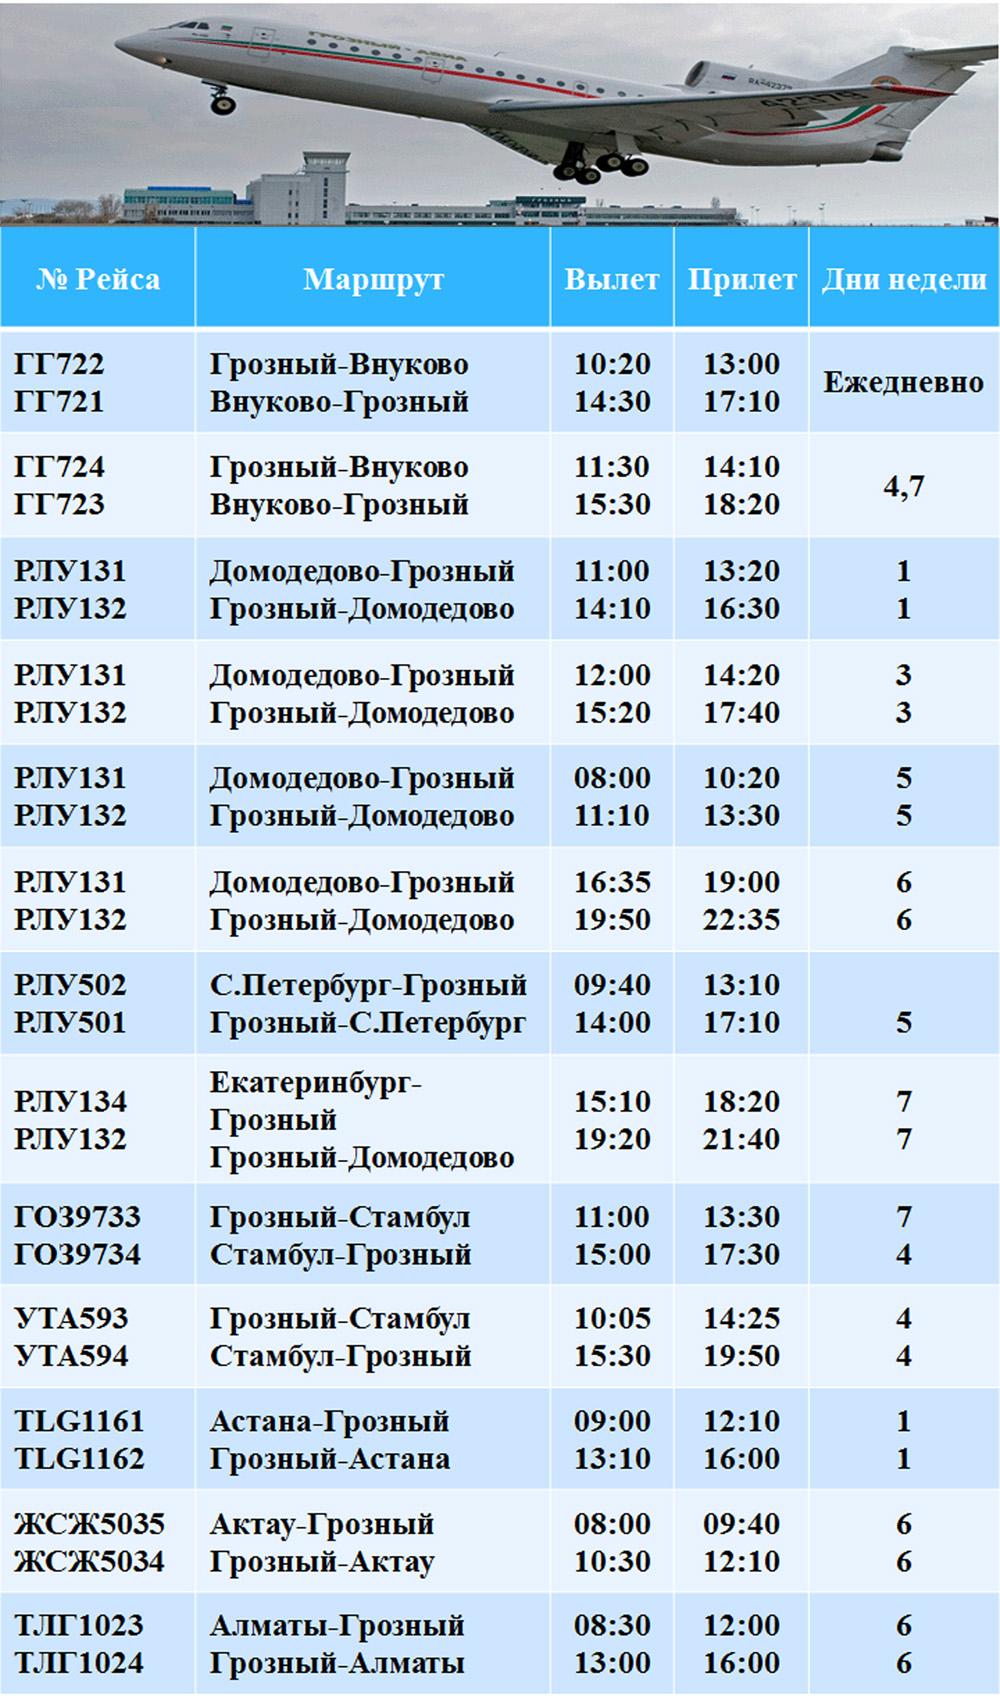 """Чеченская Республика. Аэропорт """"Грозный"""". Расписание авиарейсов"""